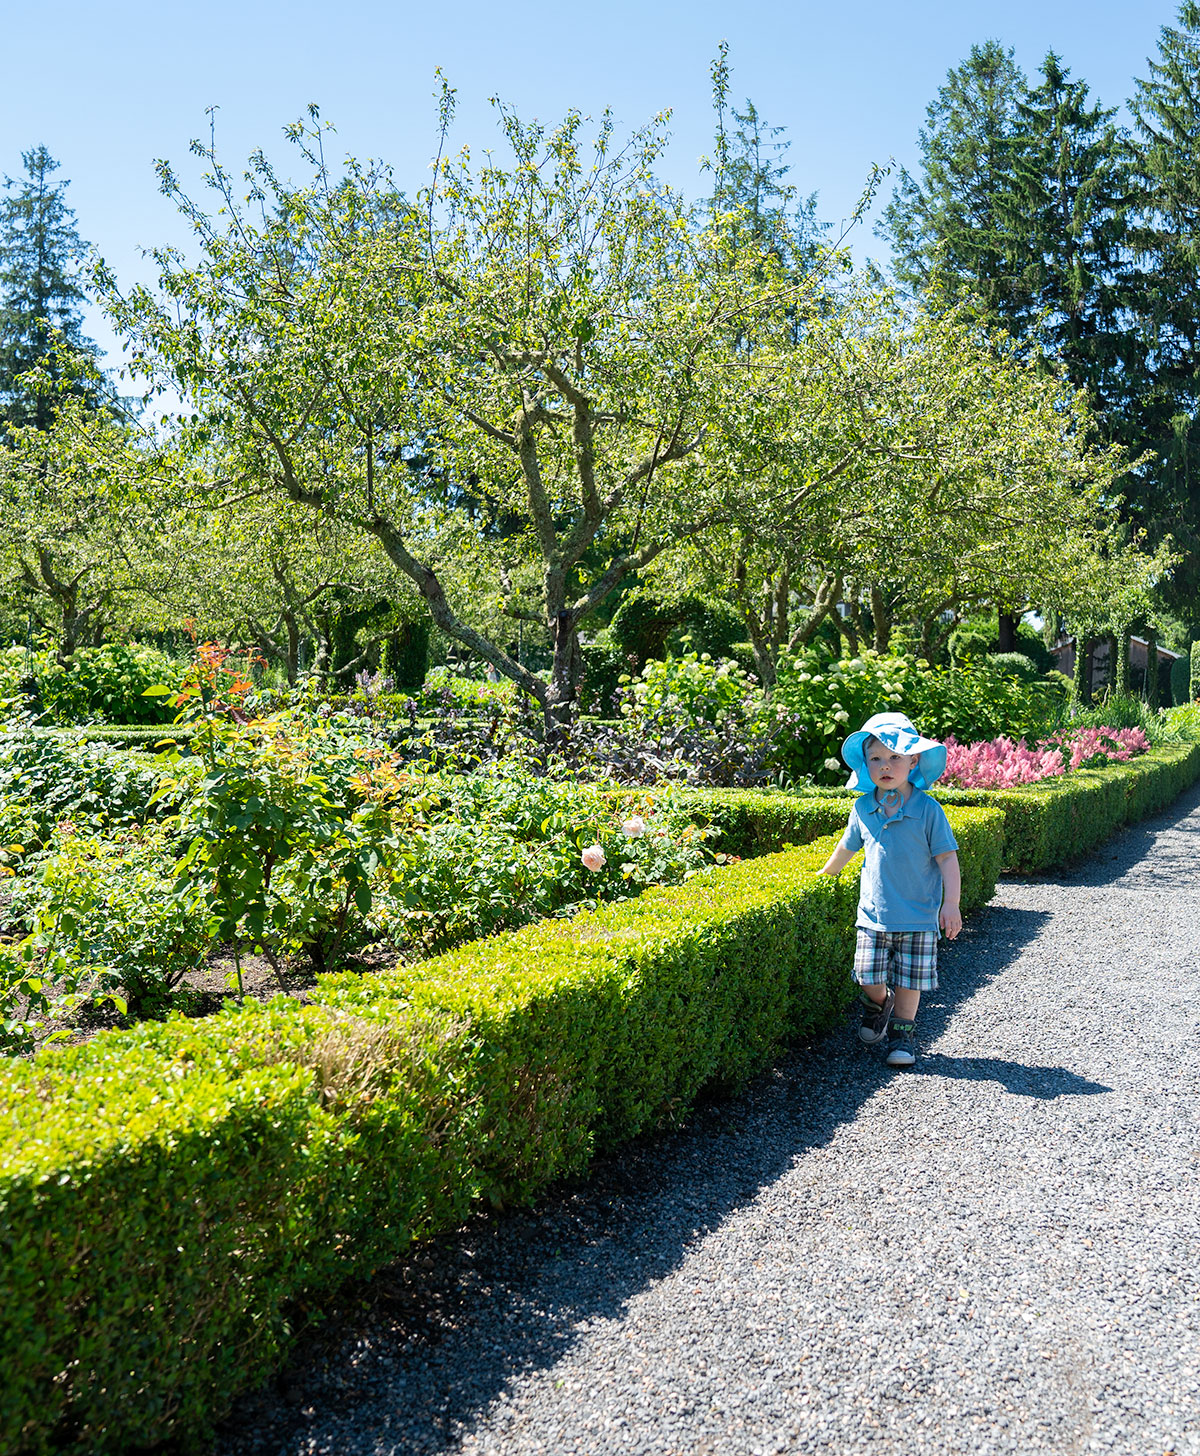 Wandering-Green-Animals-Topiary-Garden